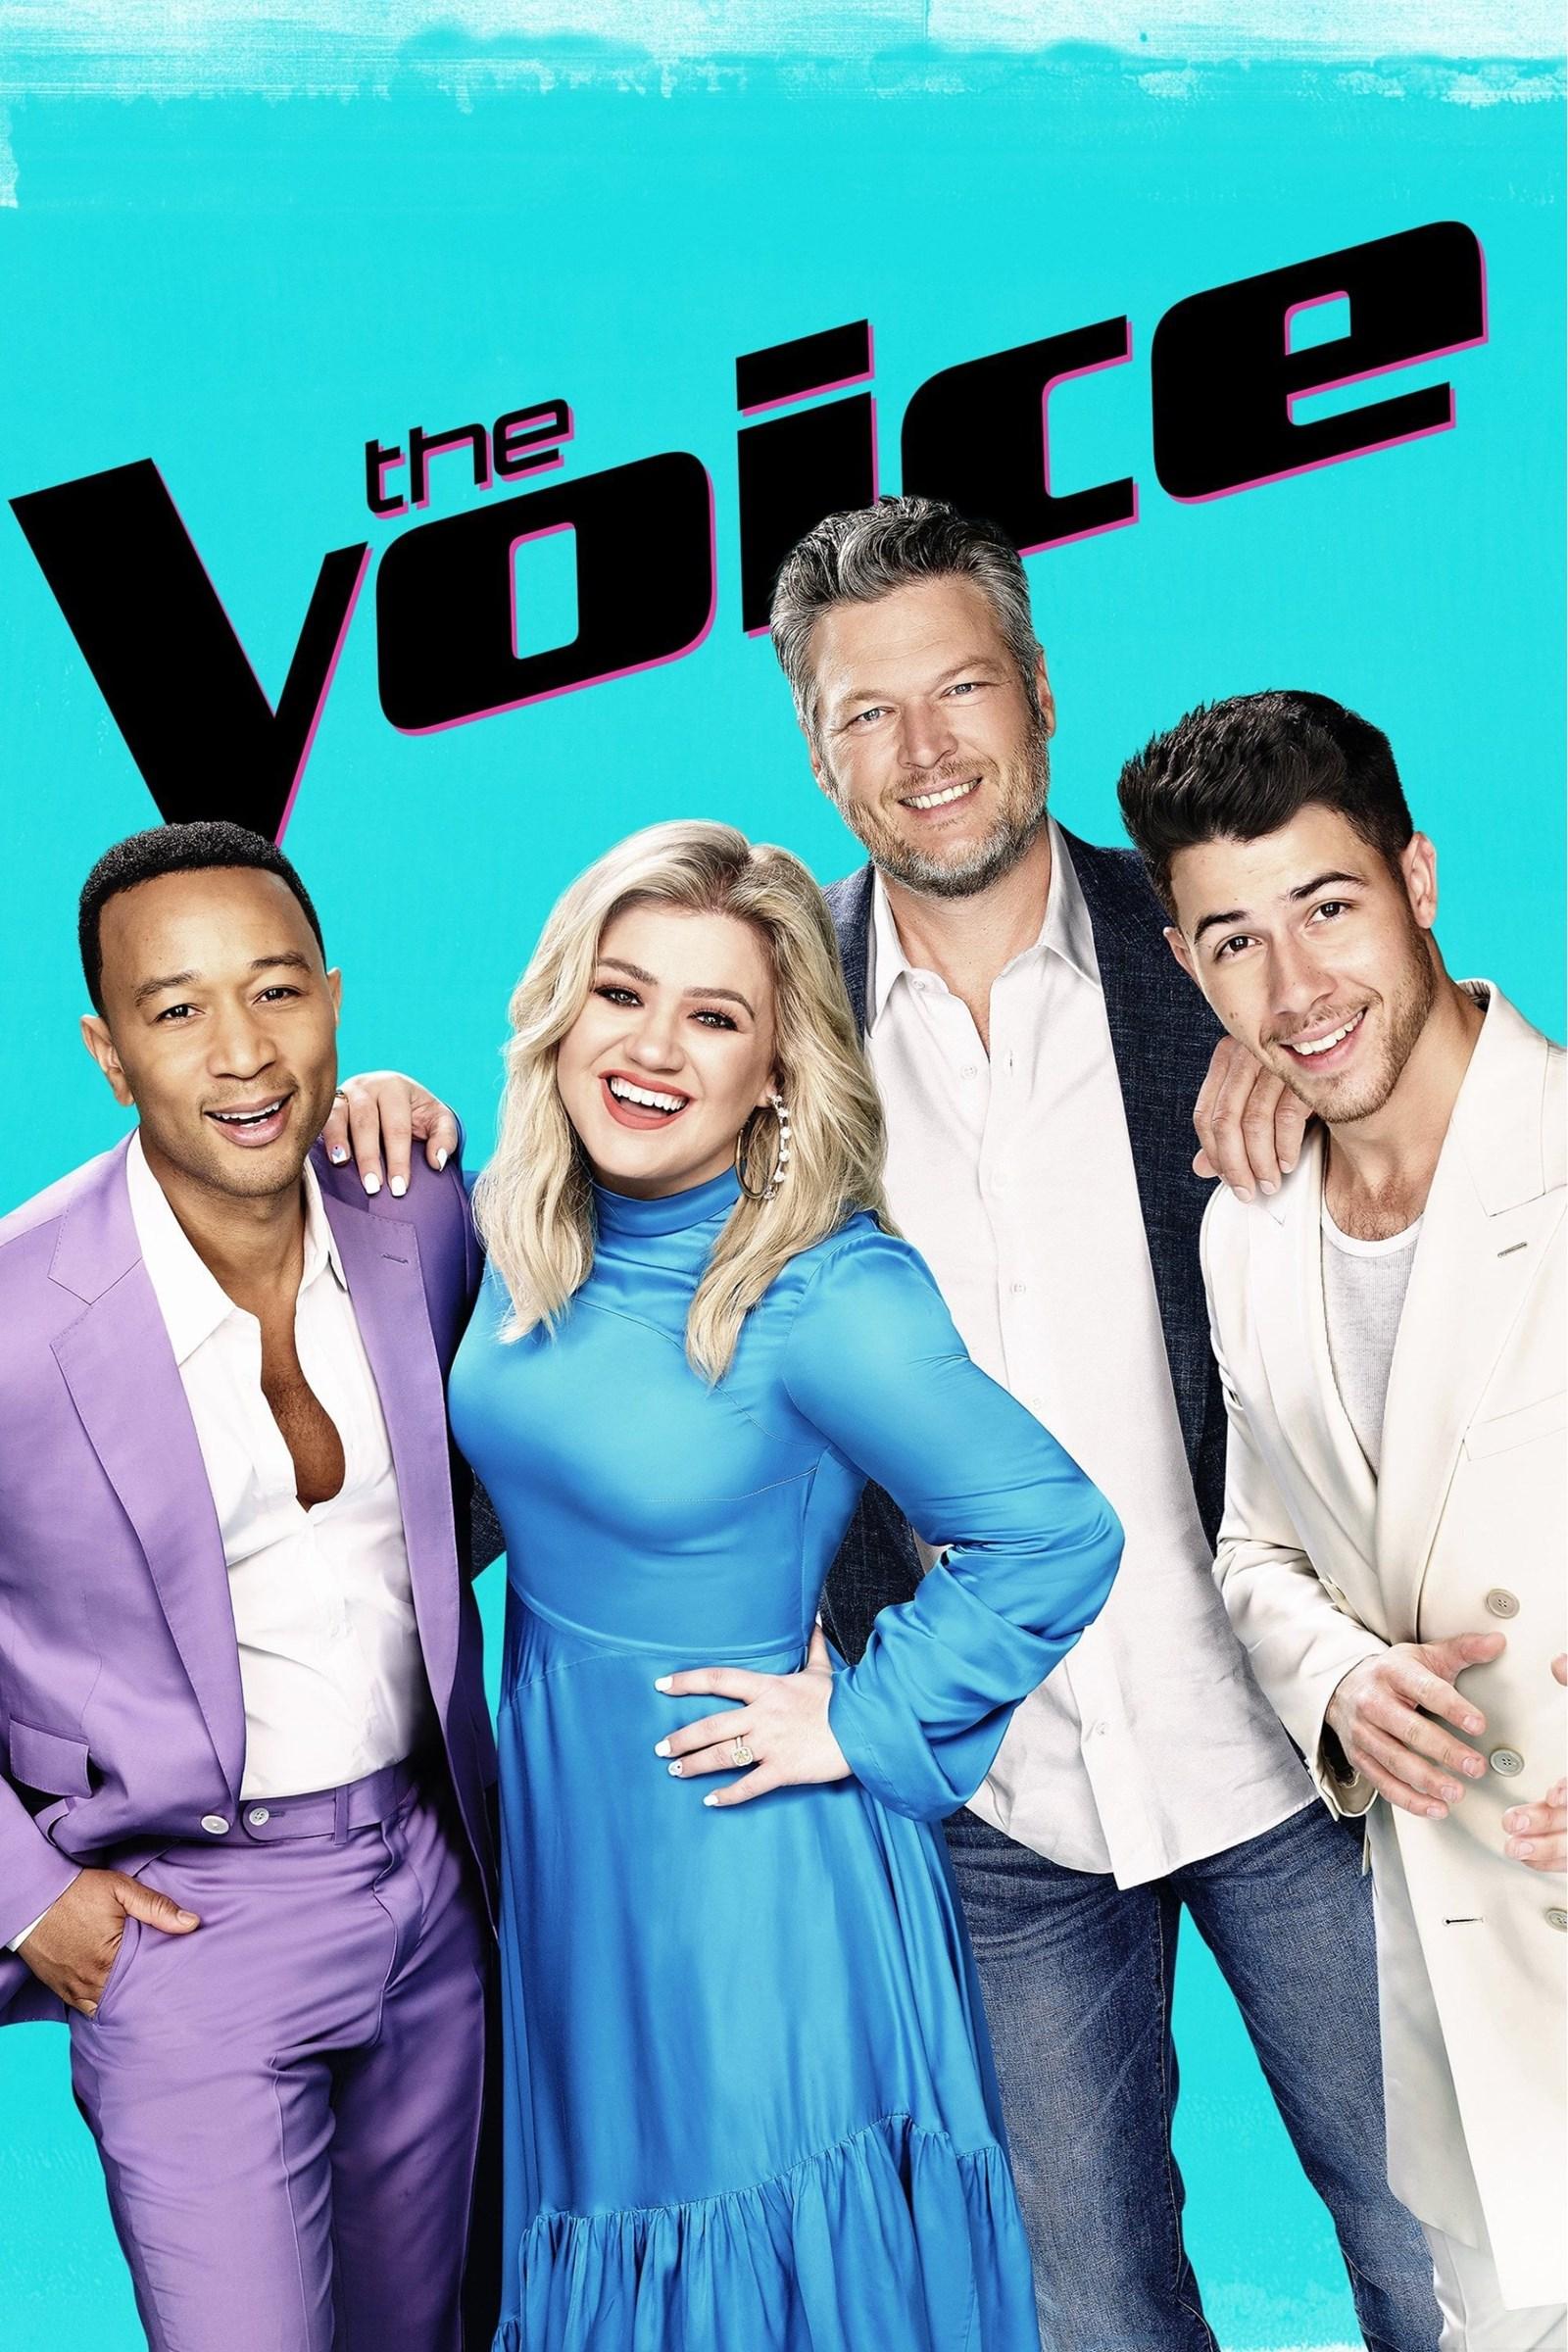 The Voice S06E17 720p HDTV x264-2HD - SceneSource